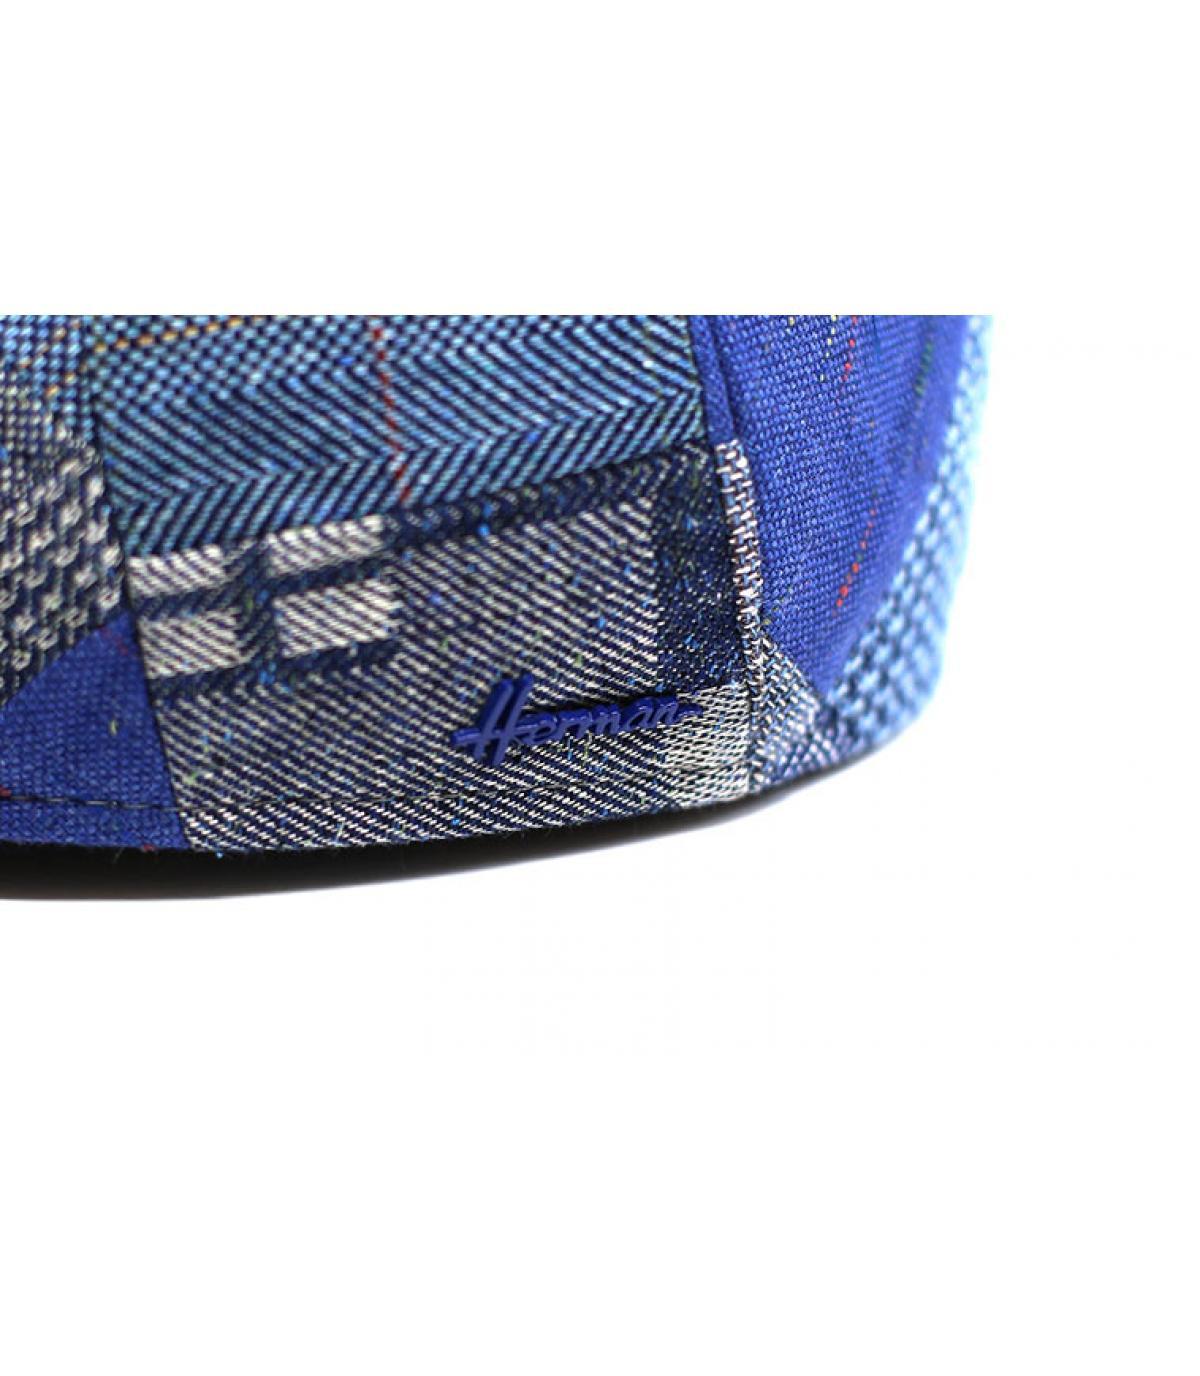 Dettagli Boxer Patch blue - image 3